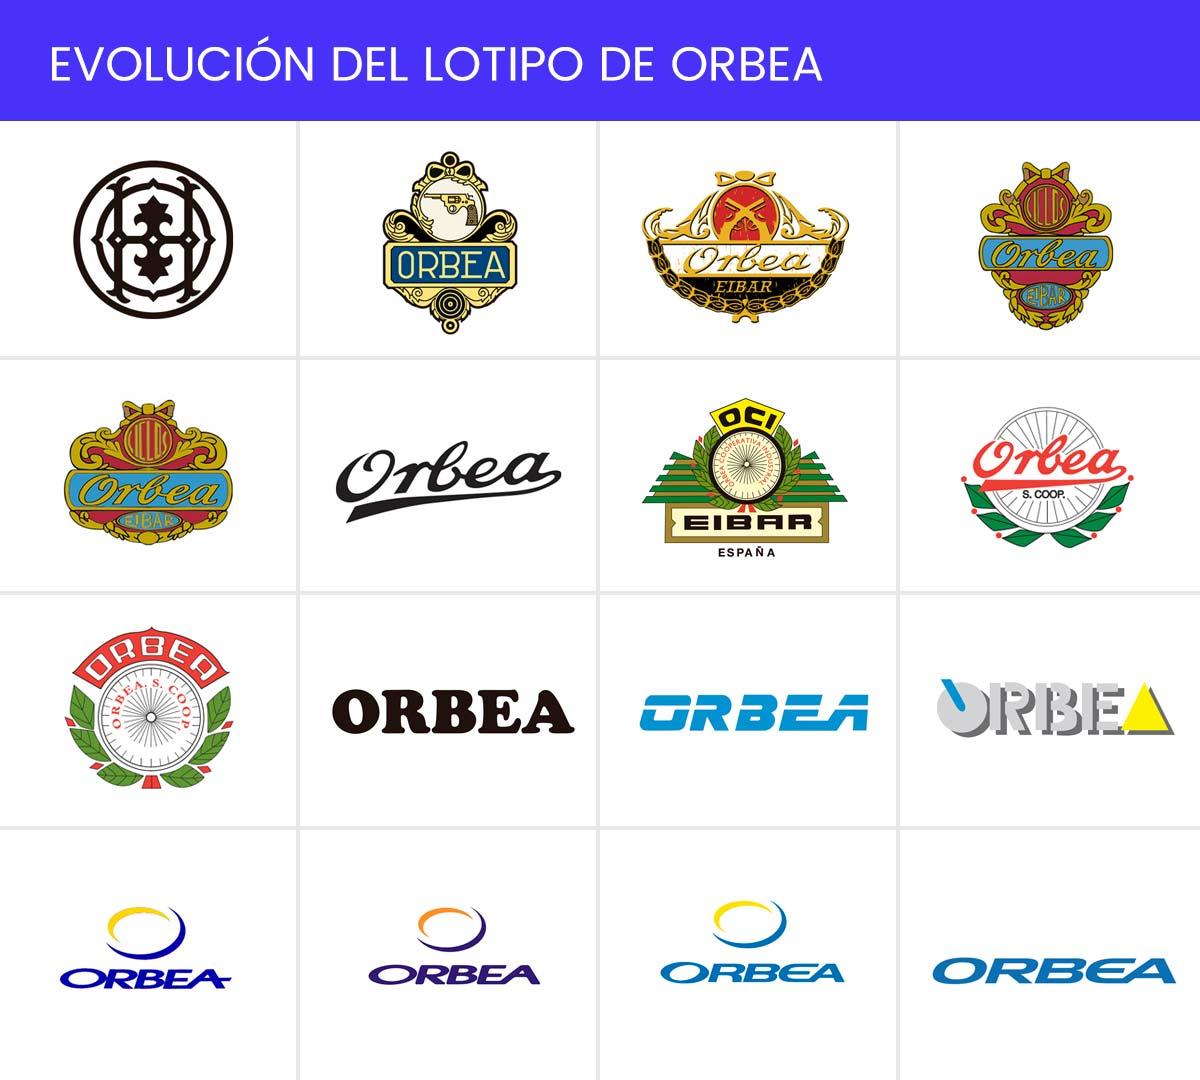 Evolución del logotipo Orbea